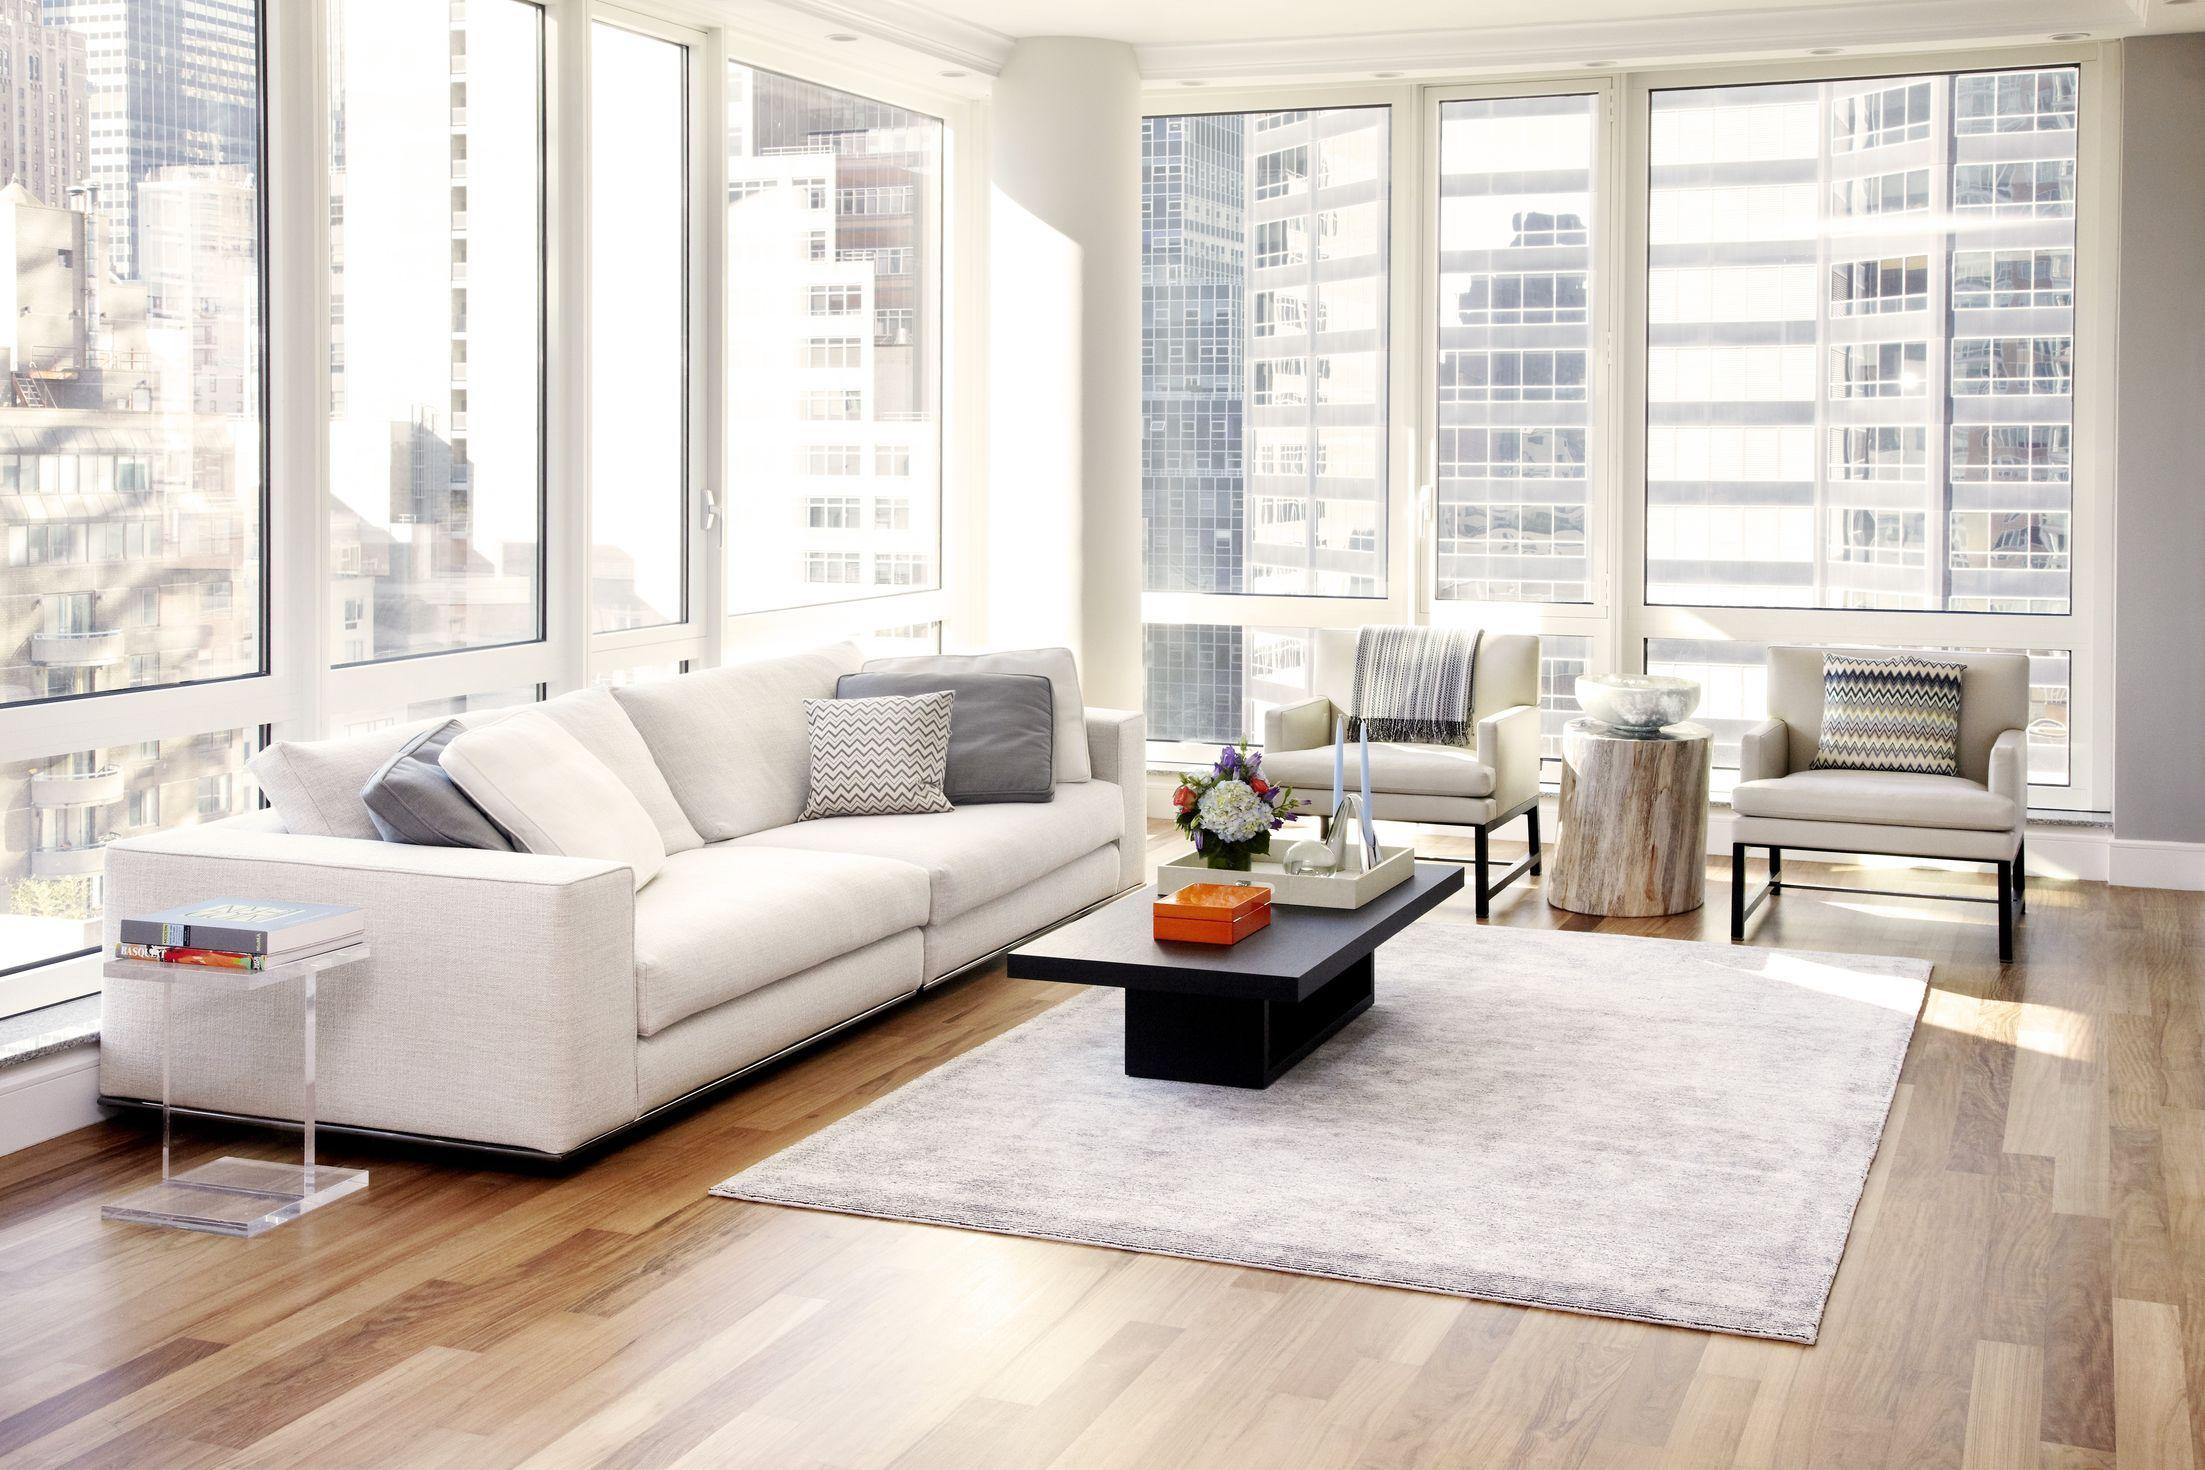 Best 25+ Wayfair living room furniture ideas on Pinterest   Scandinavian house furniture, Living ...